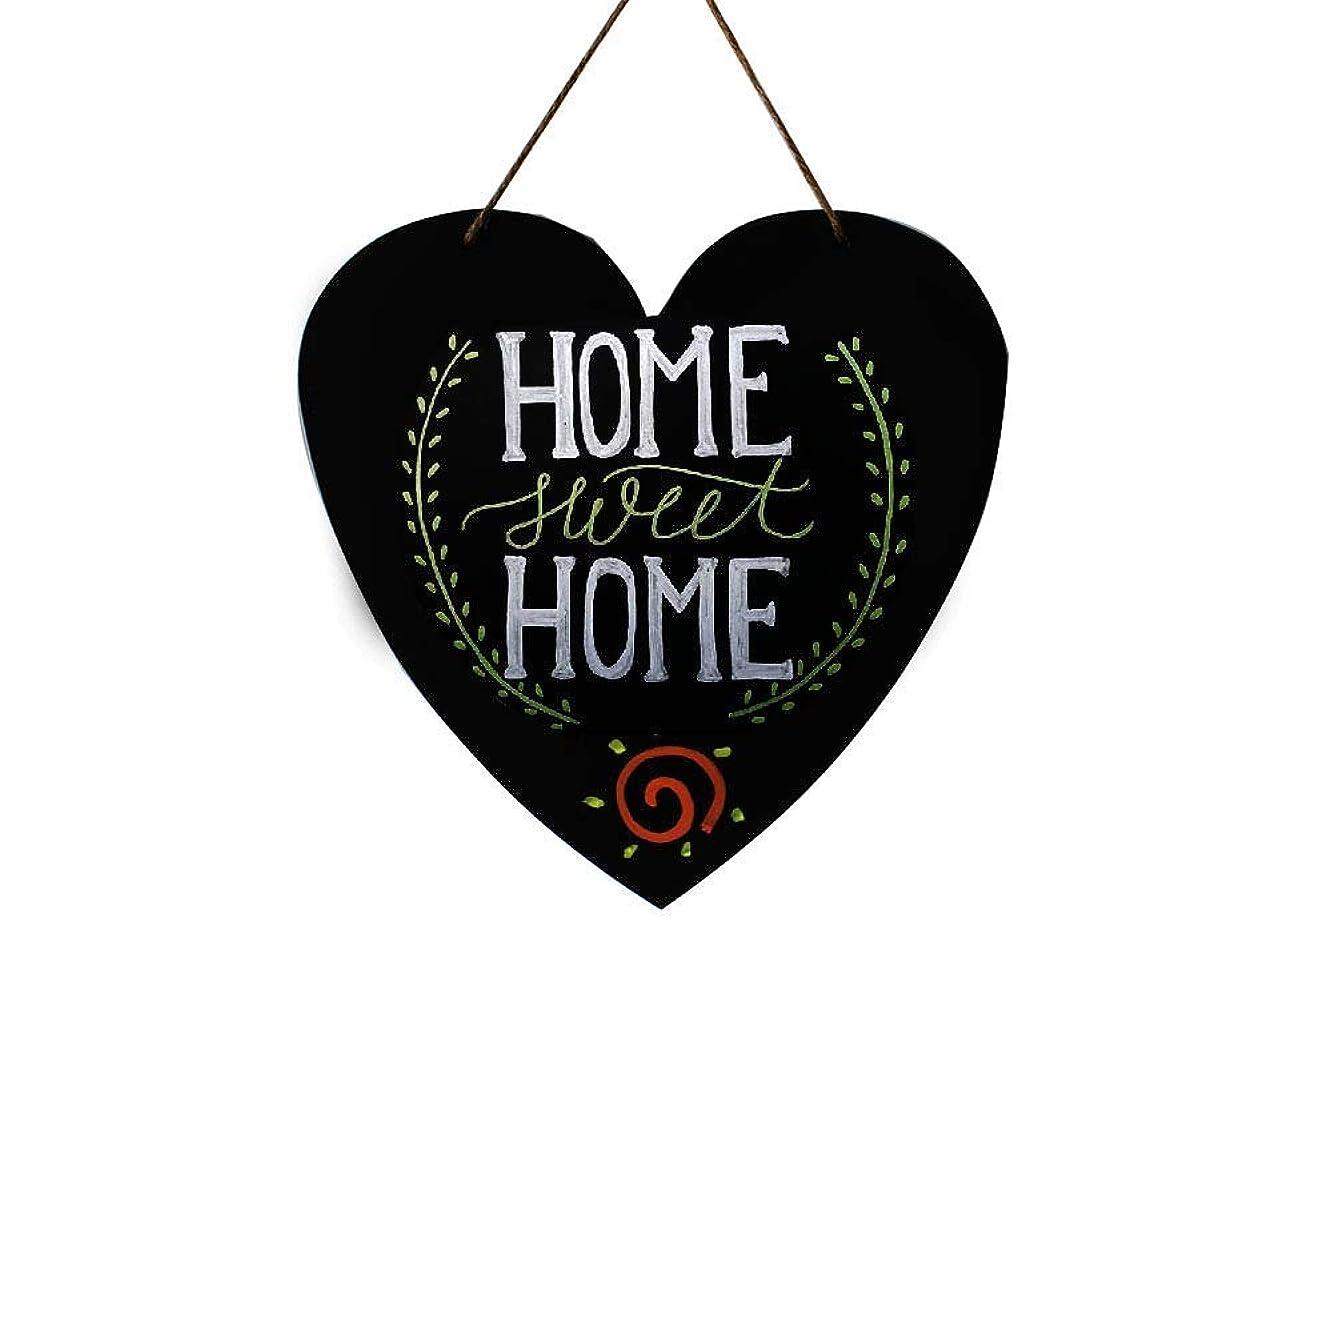 請求可能肩をすくめる引き渡す黒板看板、キッチン、レストラン、カウンター、結婚式、ホームパック3の両面メッセージボードヴィンテージ吊り装飾